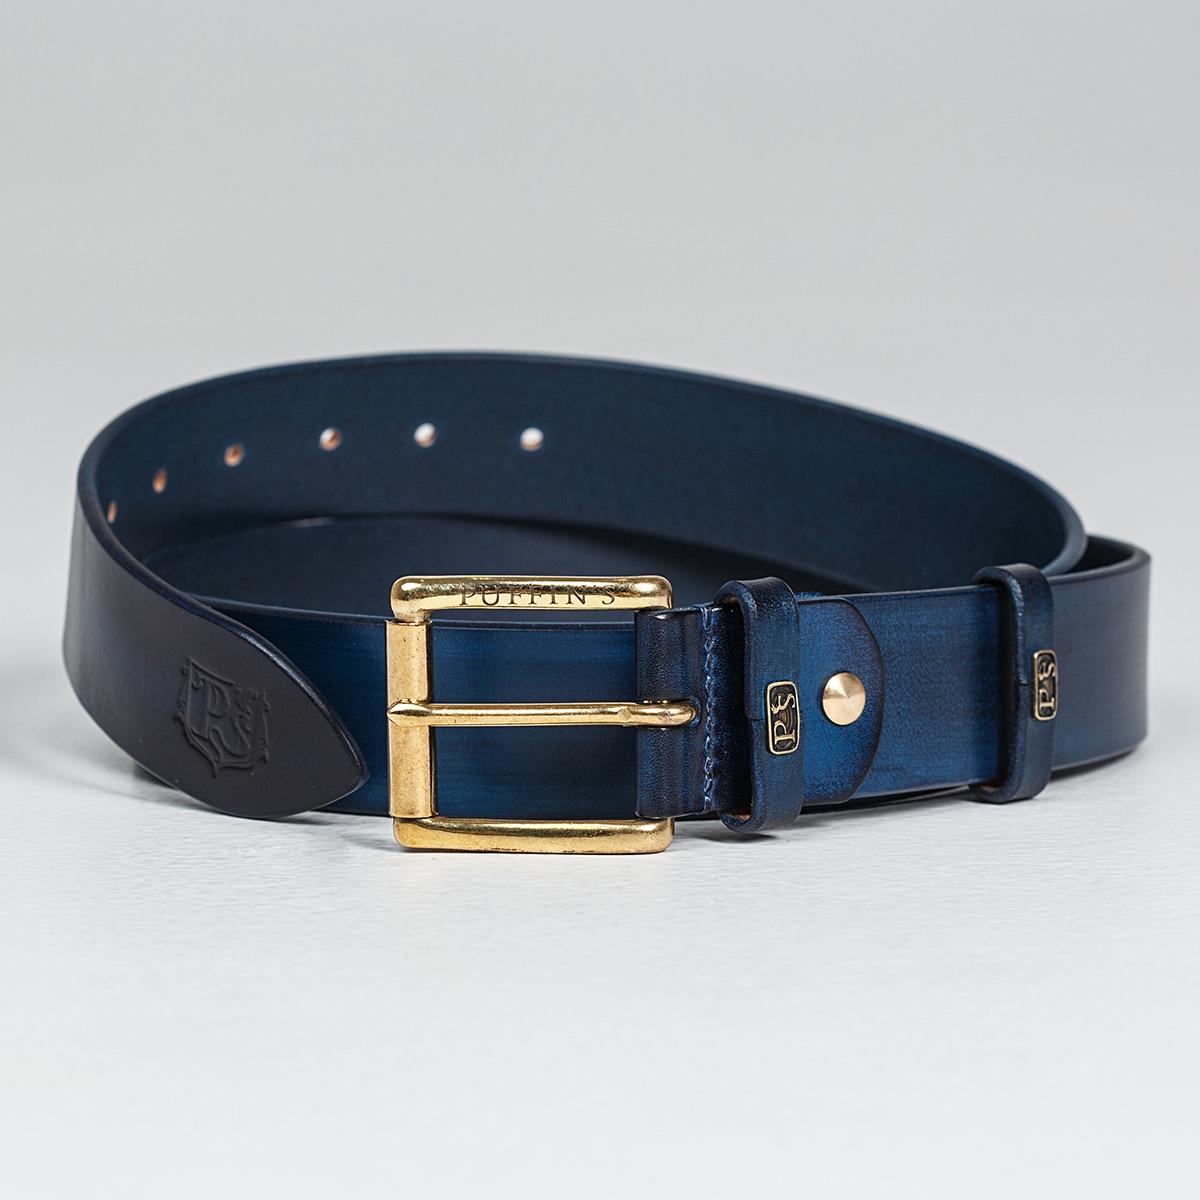 Широкий джинсовый ремень с латунной пряжкой 40мм голубой сапфир